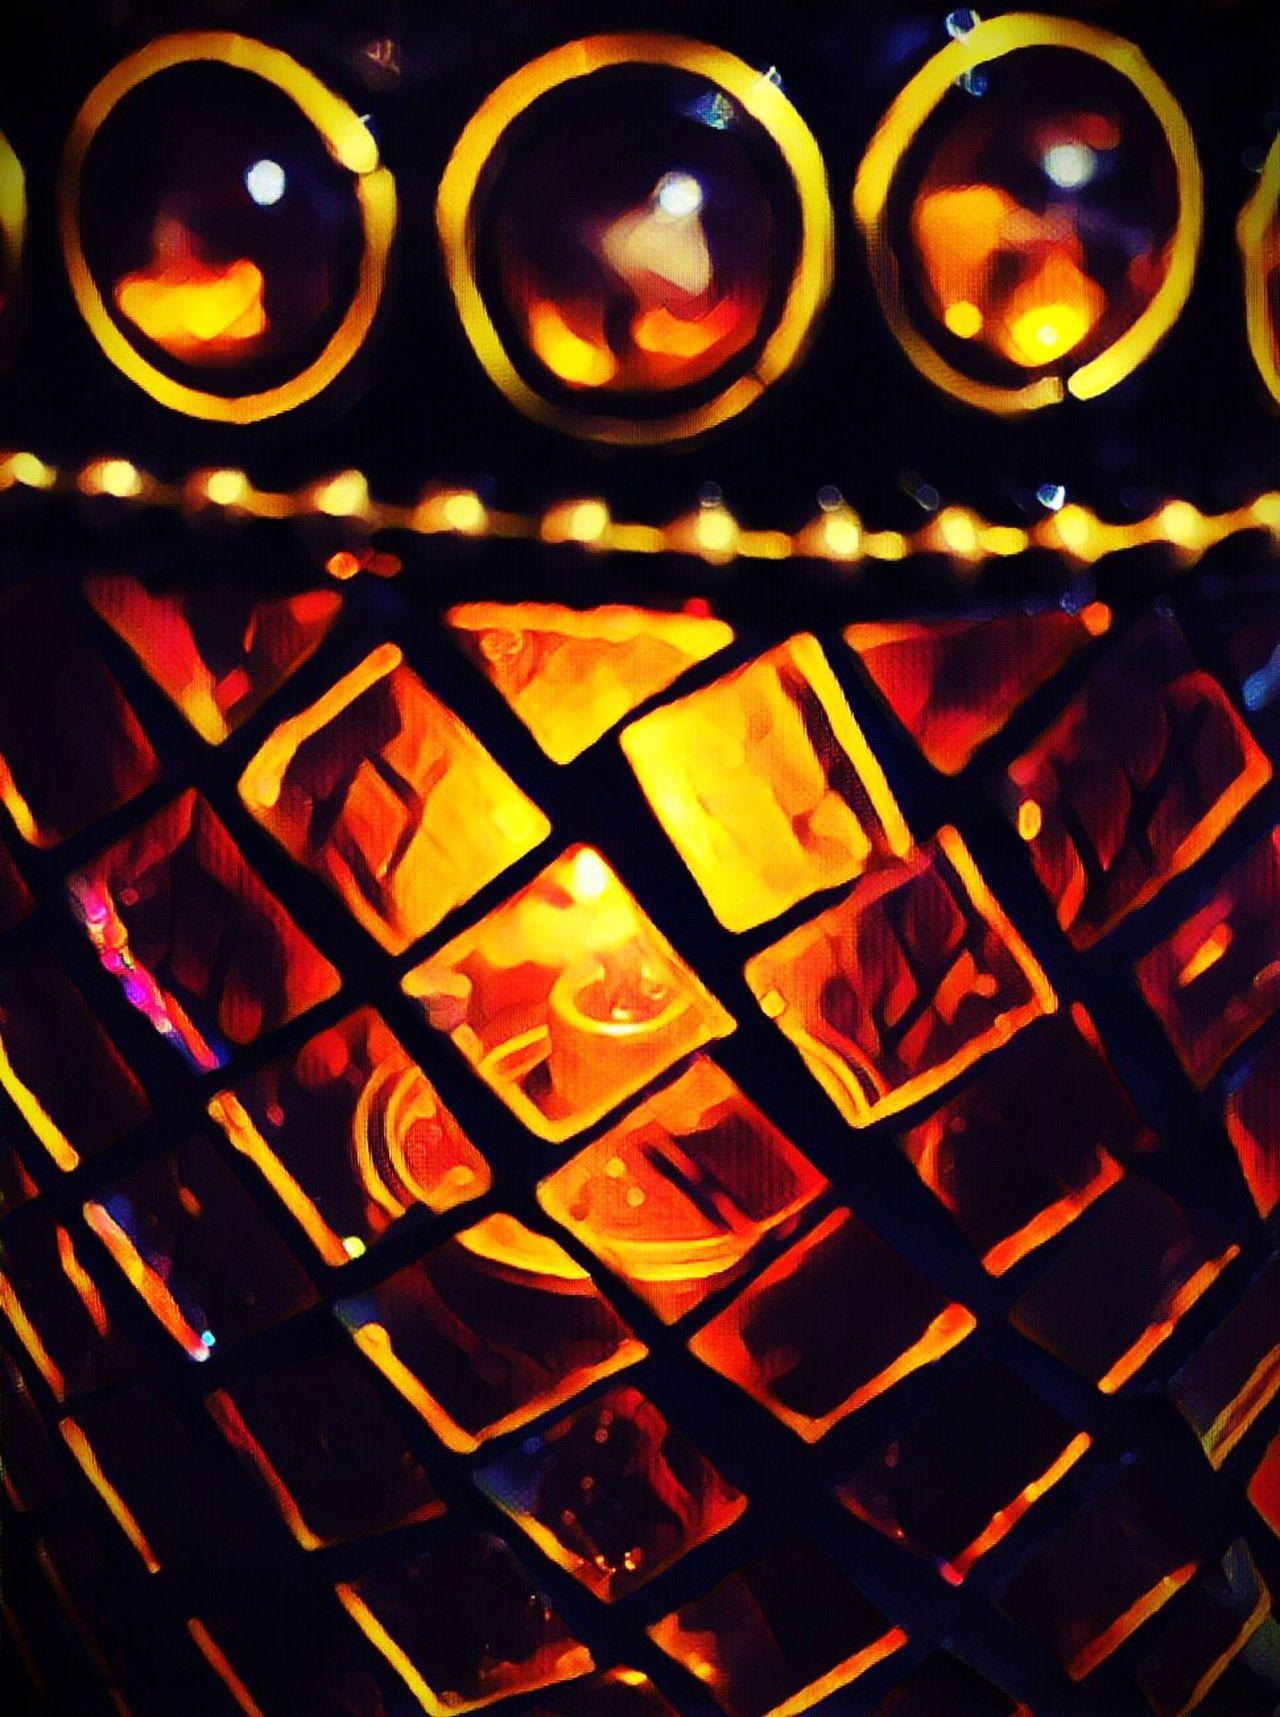 Candle ArtWork No People Illuminated Flame Indoors  Burning Night Velas Noche Iluminación Formas Y Colores Calido Relaxing Cristales De Color Fuego Cena Romántica